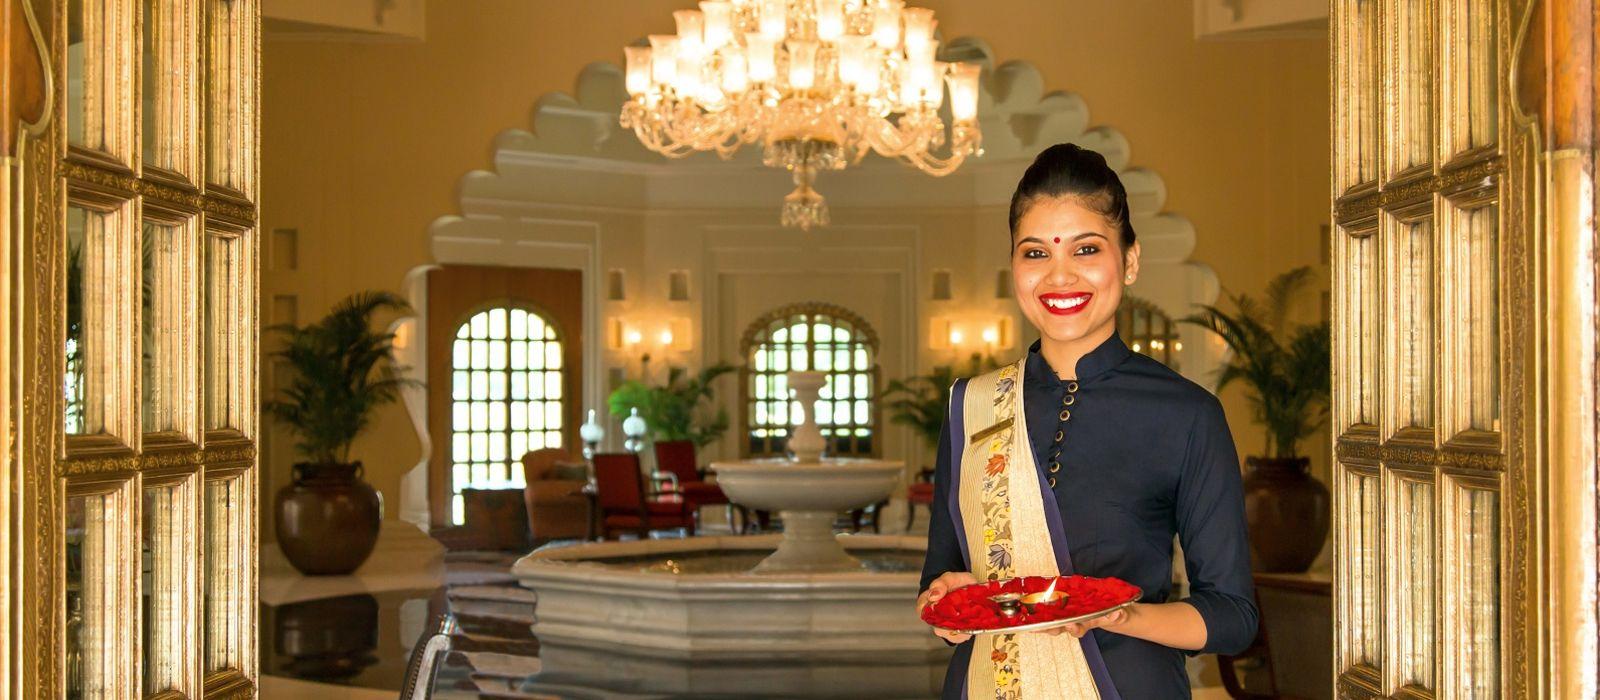 Glanzvolles Rajasthan & Taj Mahal: Exklusiver Luxus mit dem Oberoi-Angebot Urlaub 4